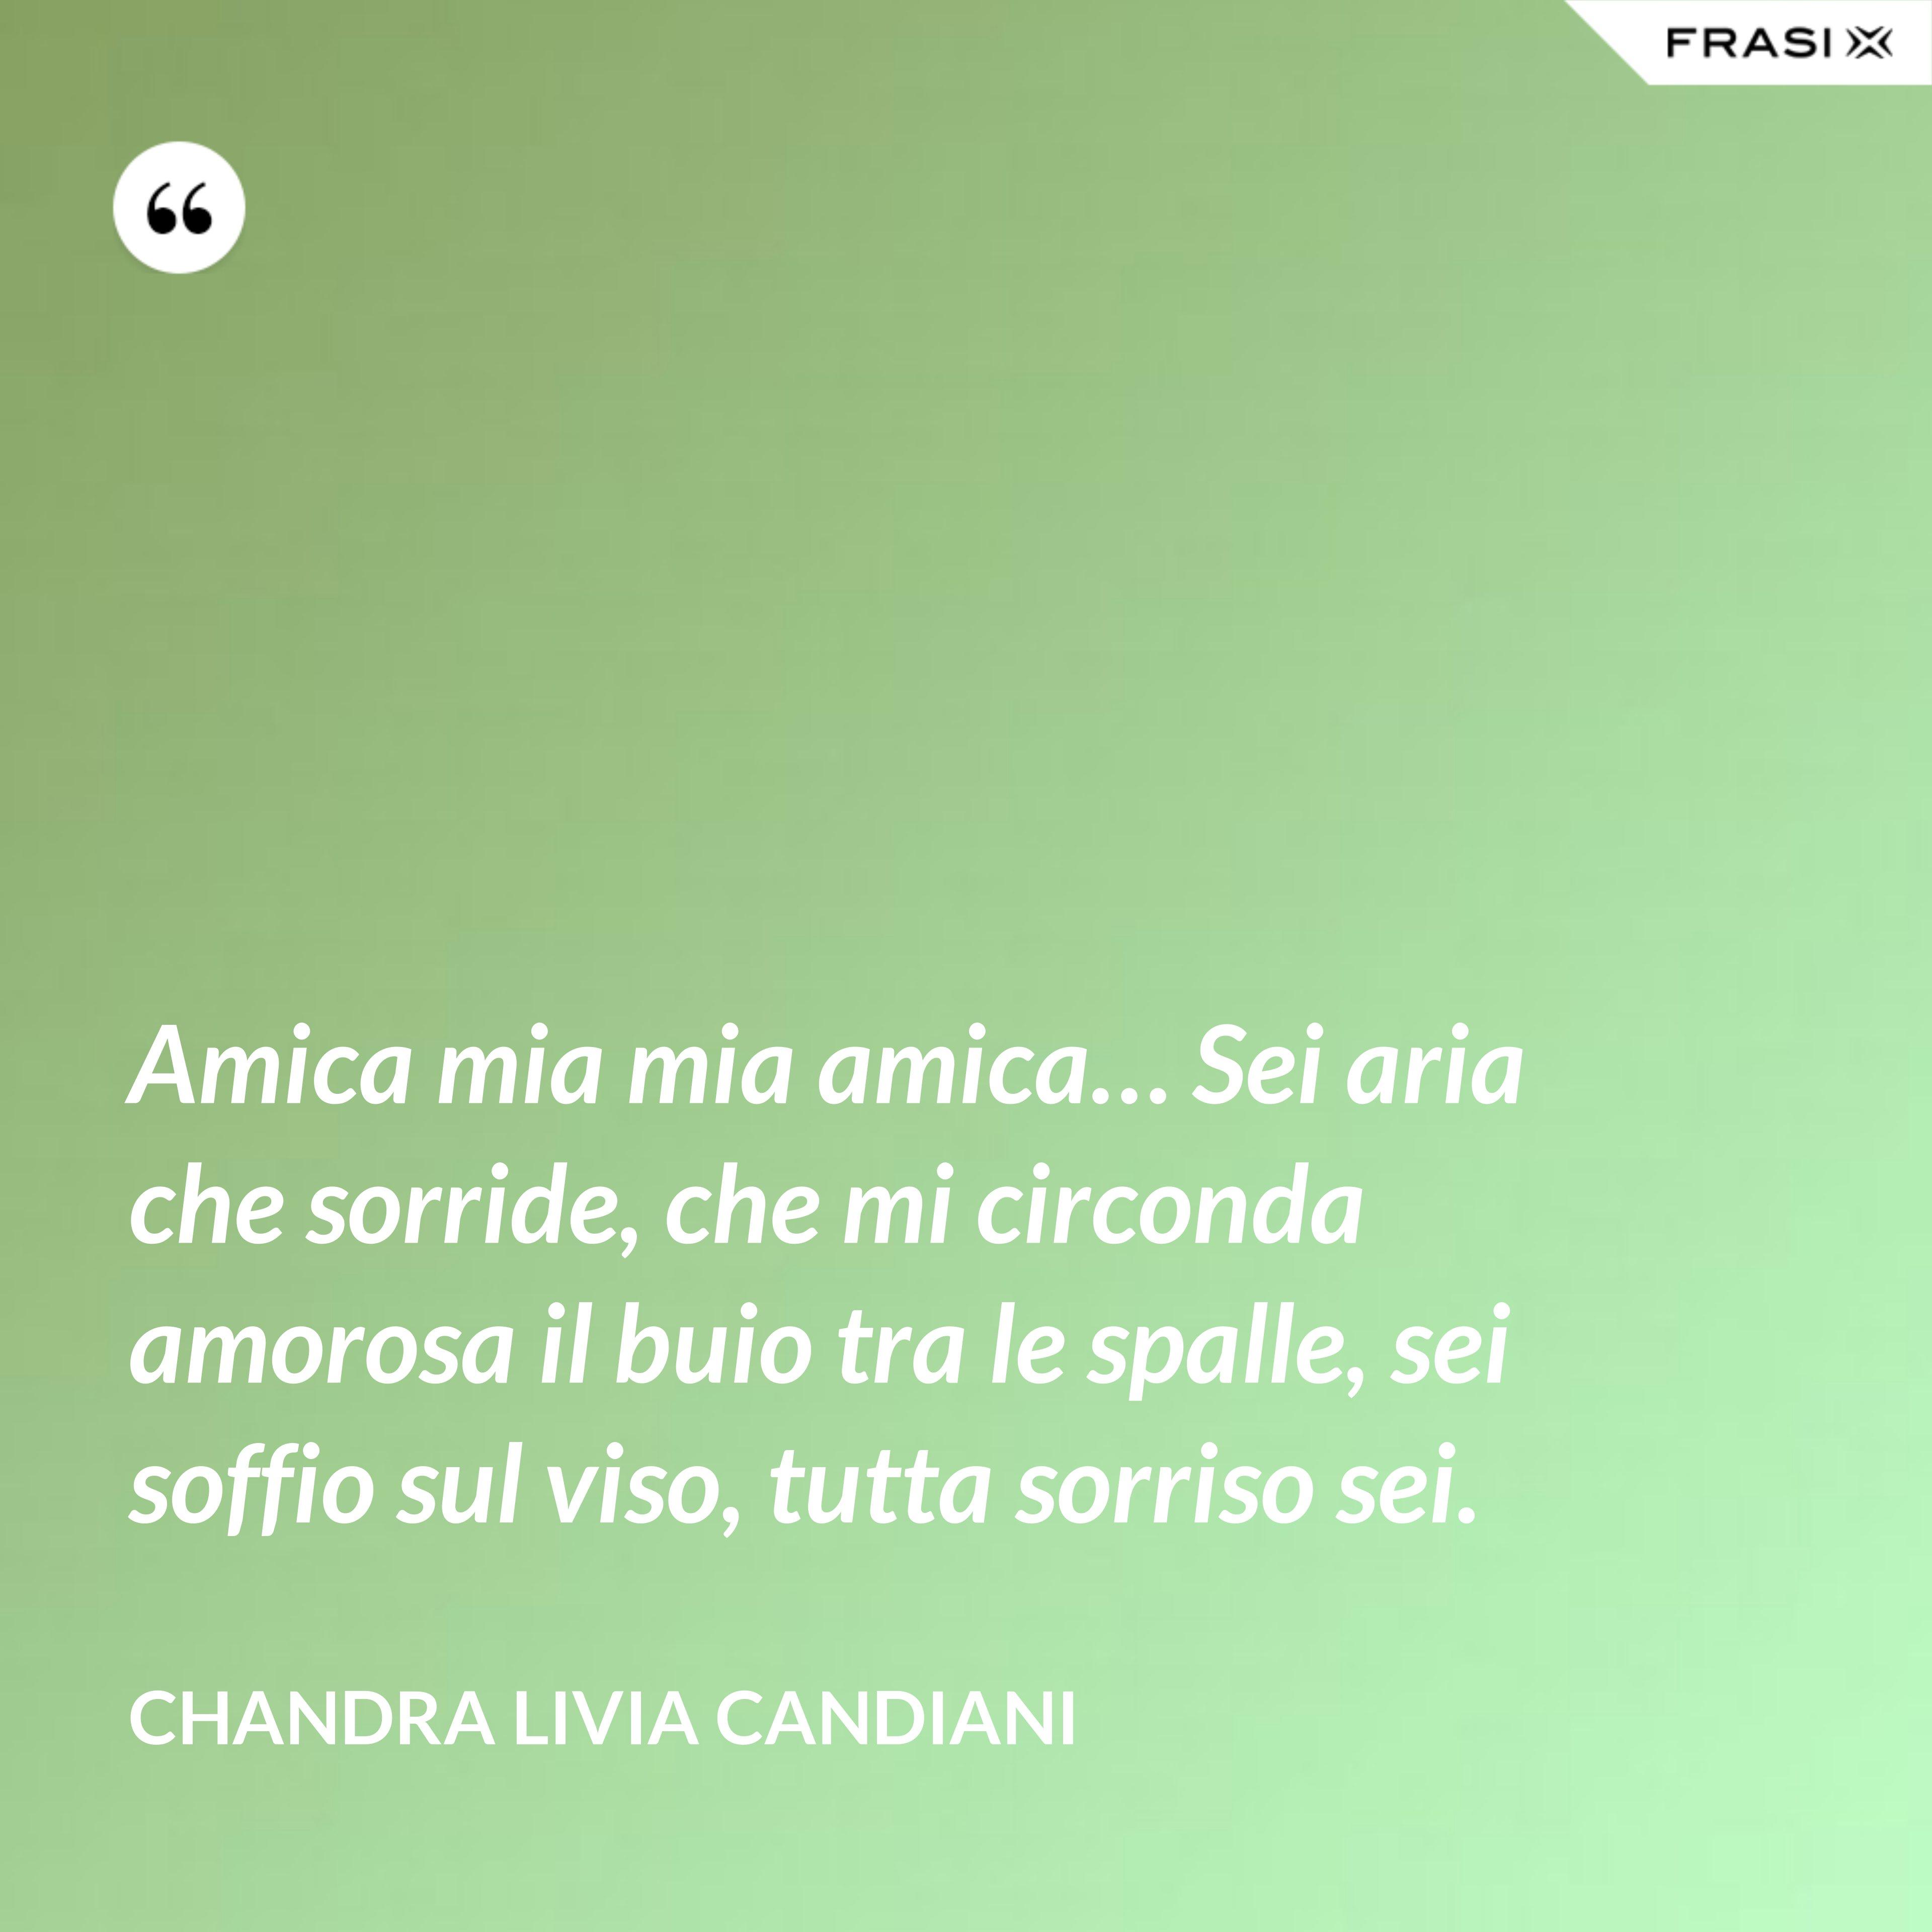 Amica mia mia amica… Sei aria che sorride, che mi circonda amorosa il buio tra le spalle, sei soffio sul viso, tutta sorriso sei. - Chandra Livia Candiani